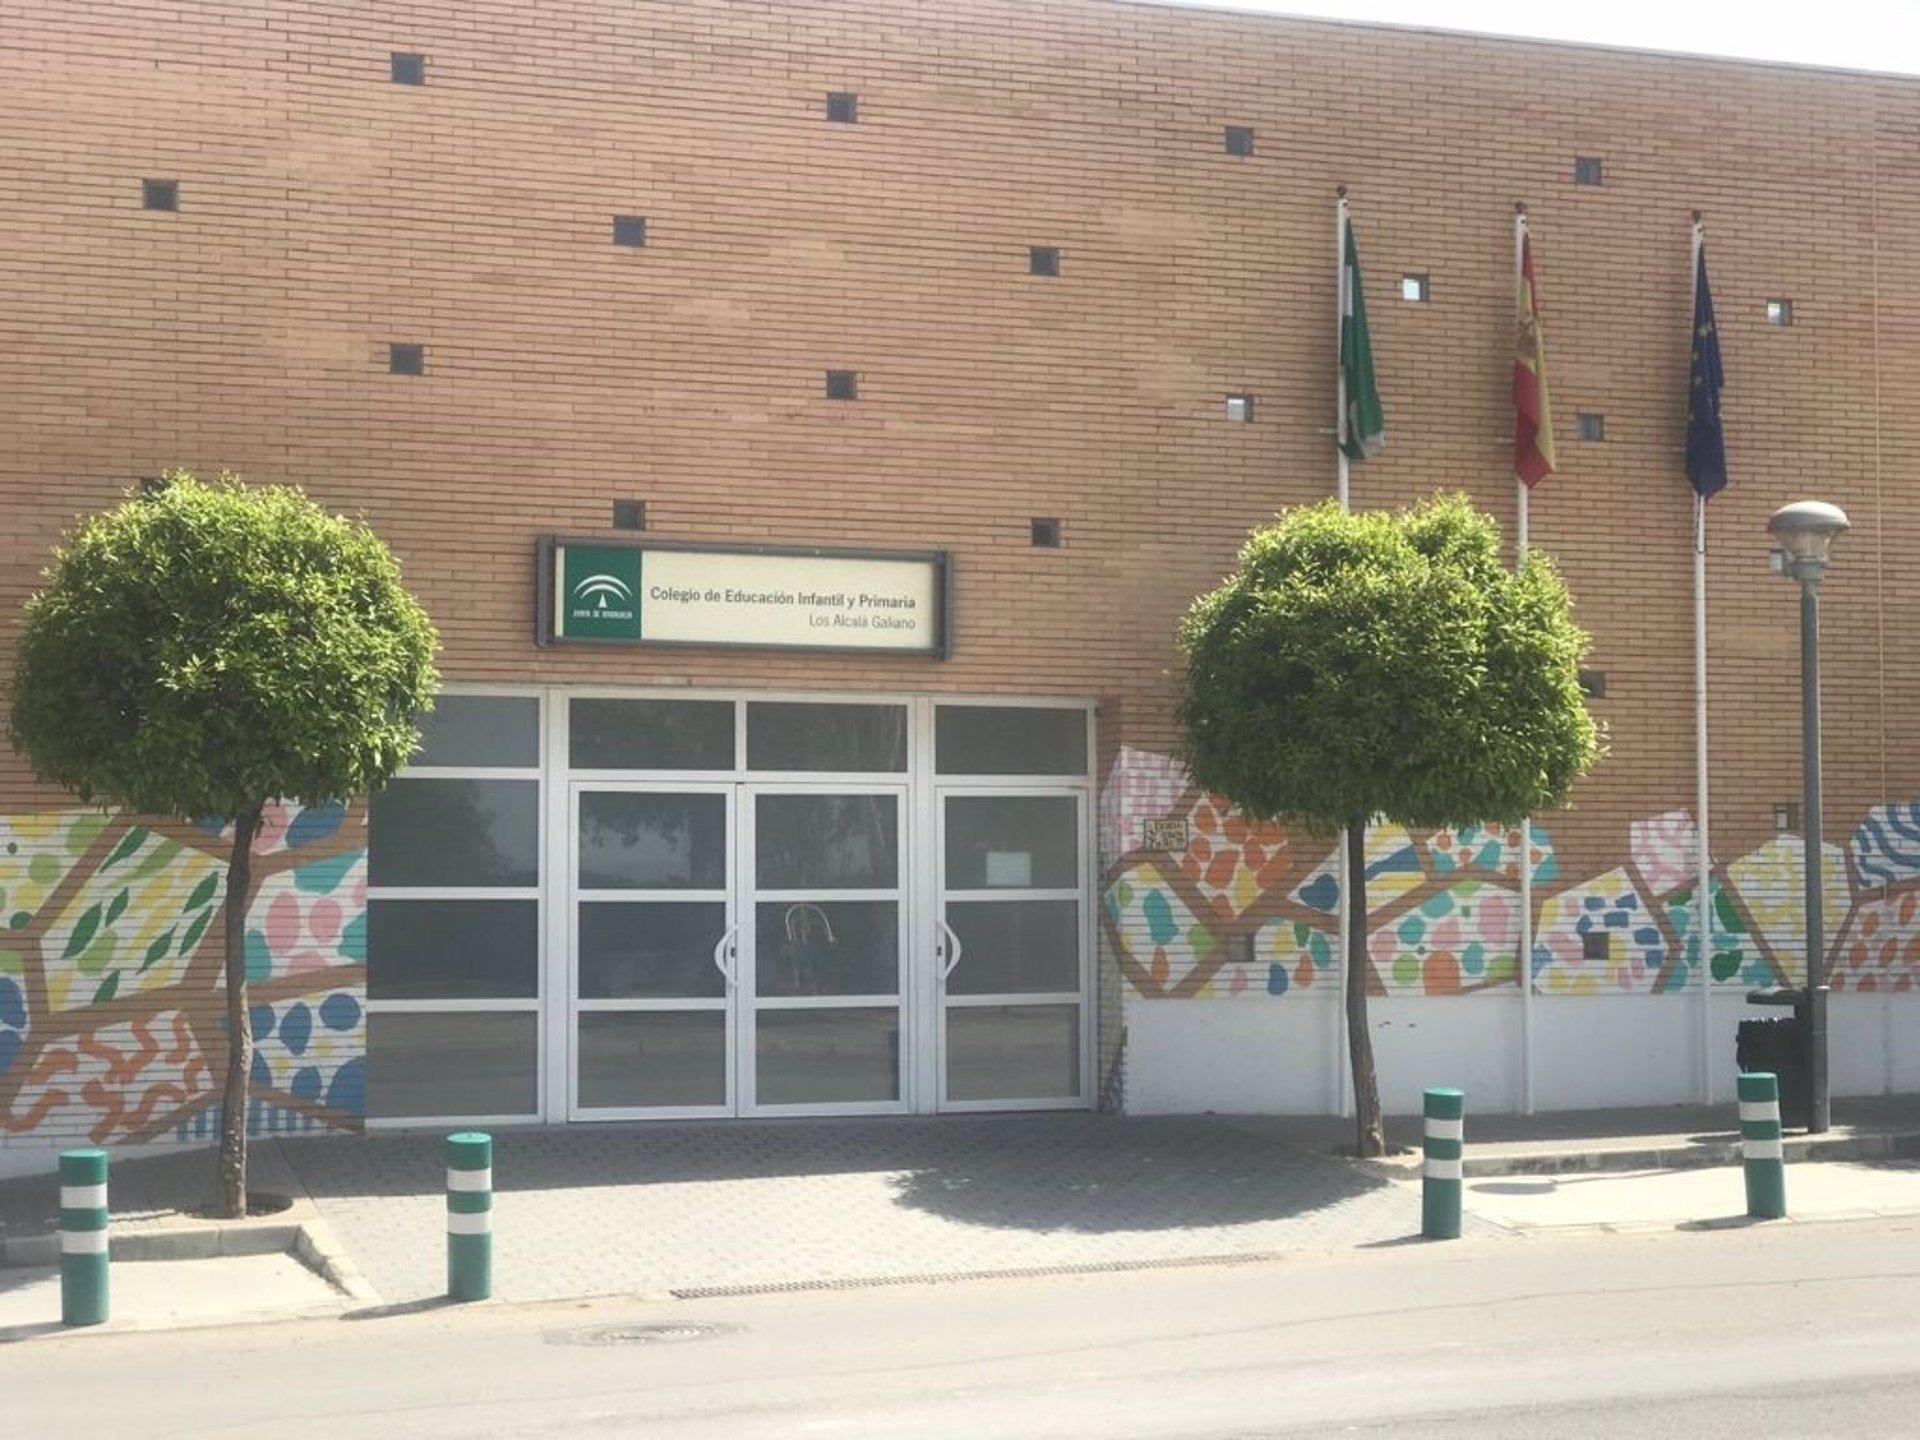 Andalucía abre este martes el plazo de matriculación de Educación Infantil, Primaria y Especial